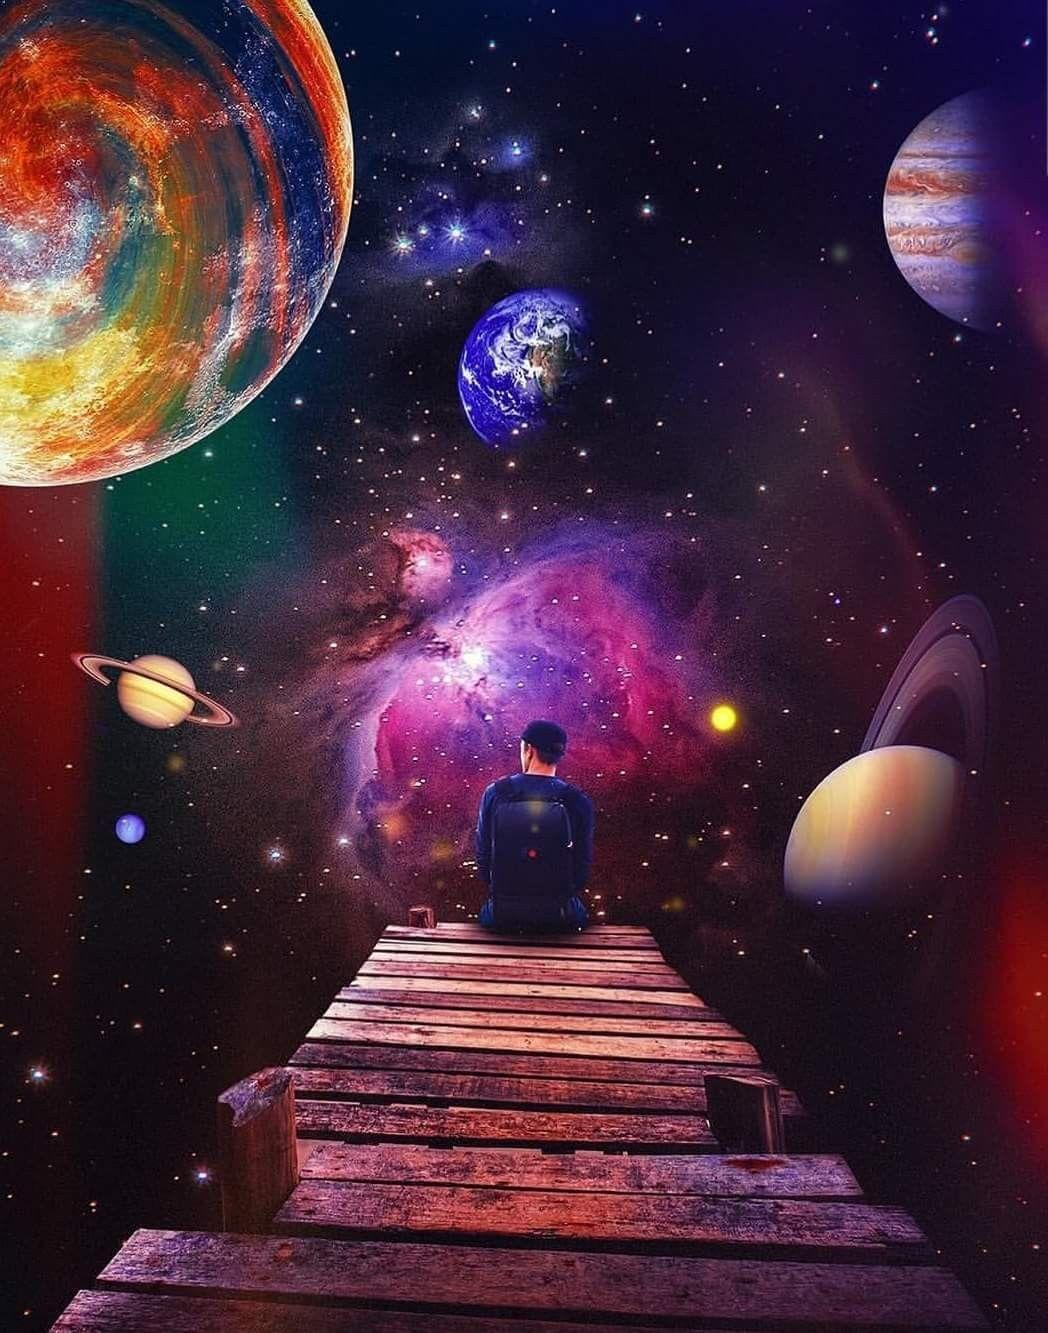 Pin de Yunke Floowwh en Frases cósmicas y espirituales | Arte del universo, Arte de galaxia, Pintura de galaxias